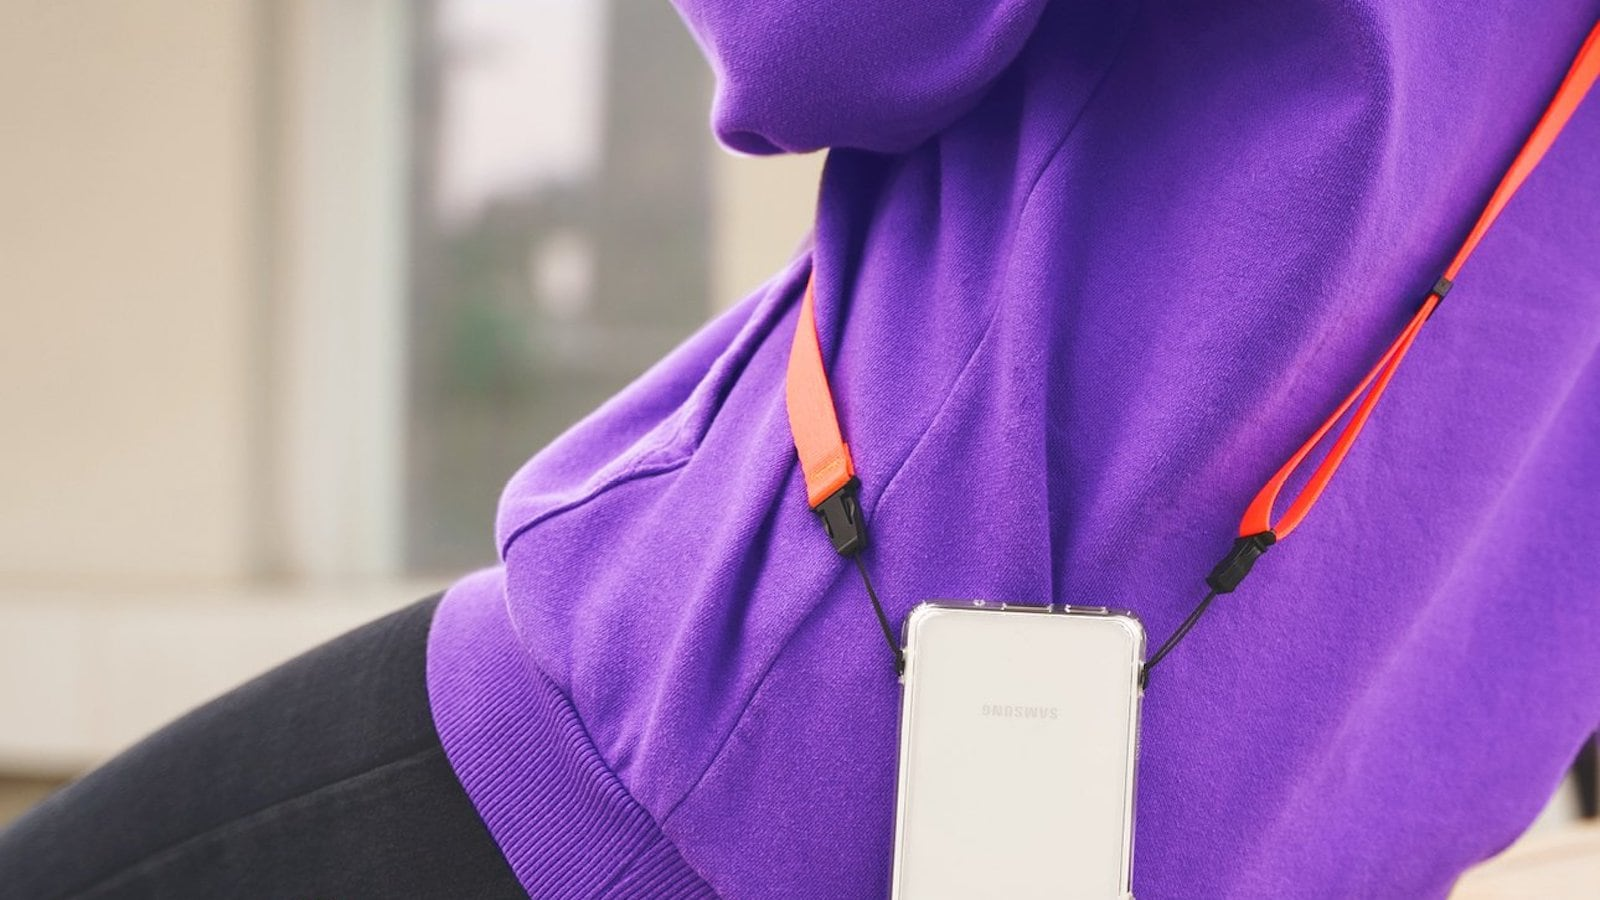 Ringke Shoulder Strap Nylon Device Carrier